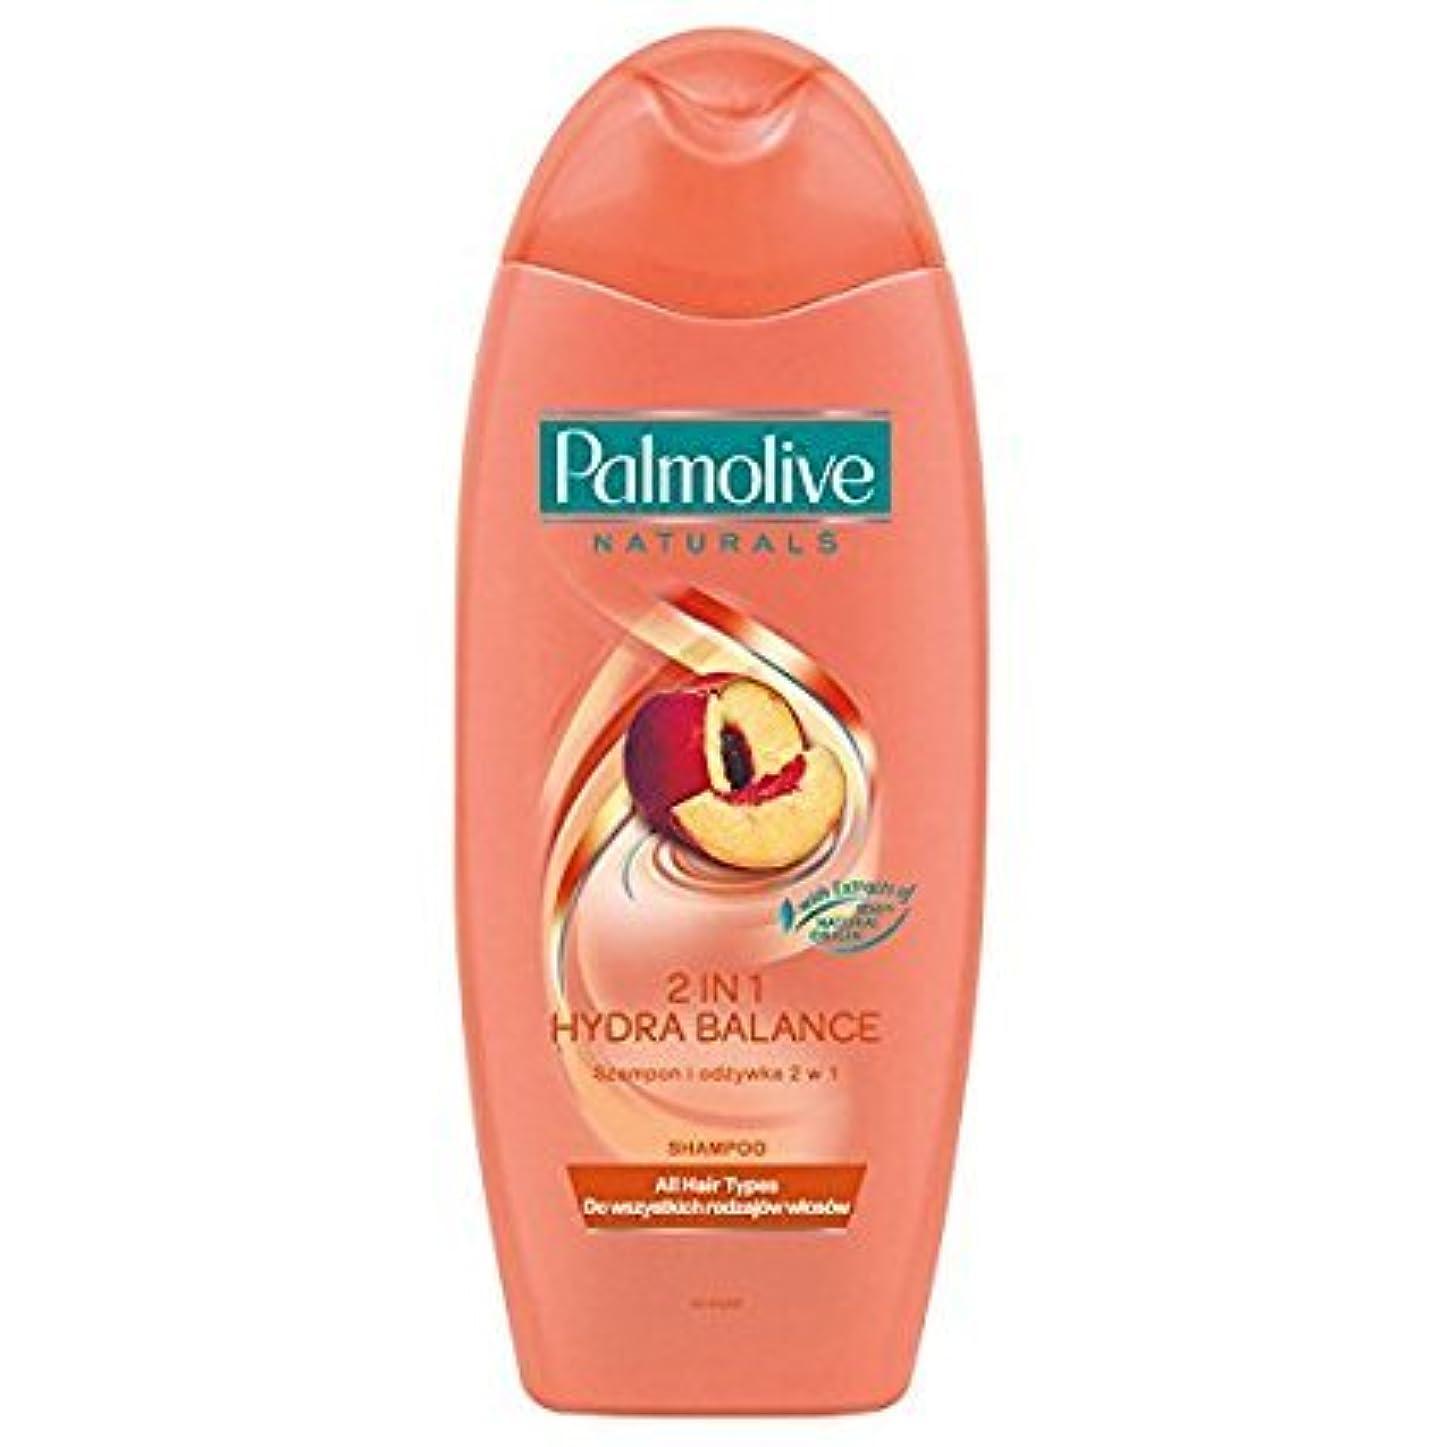 モーテル低下お気に入りPalmolive Naturals Shampoo & Conditioner パルモティブシャンプーWコンディショナー ハイドロバランス 350ml [並行輸入品]